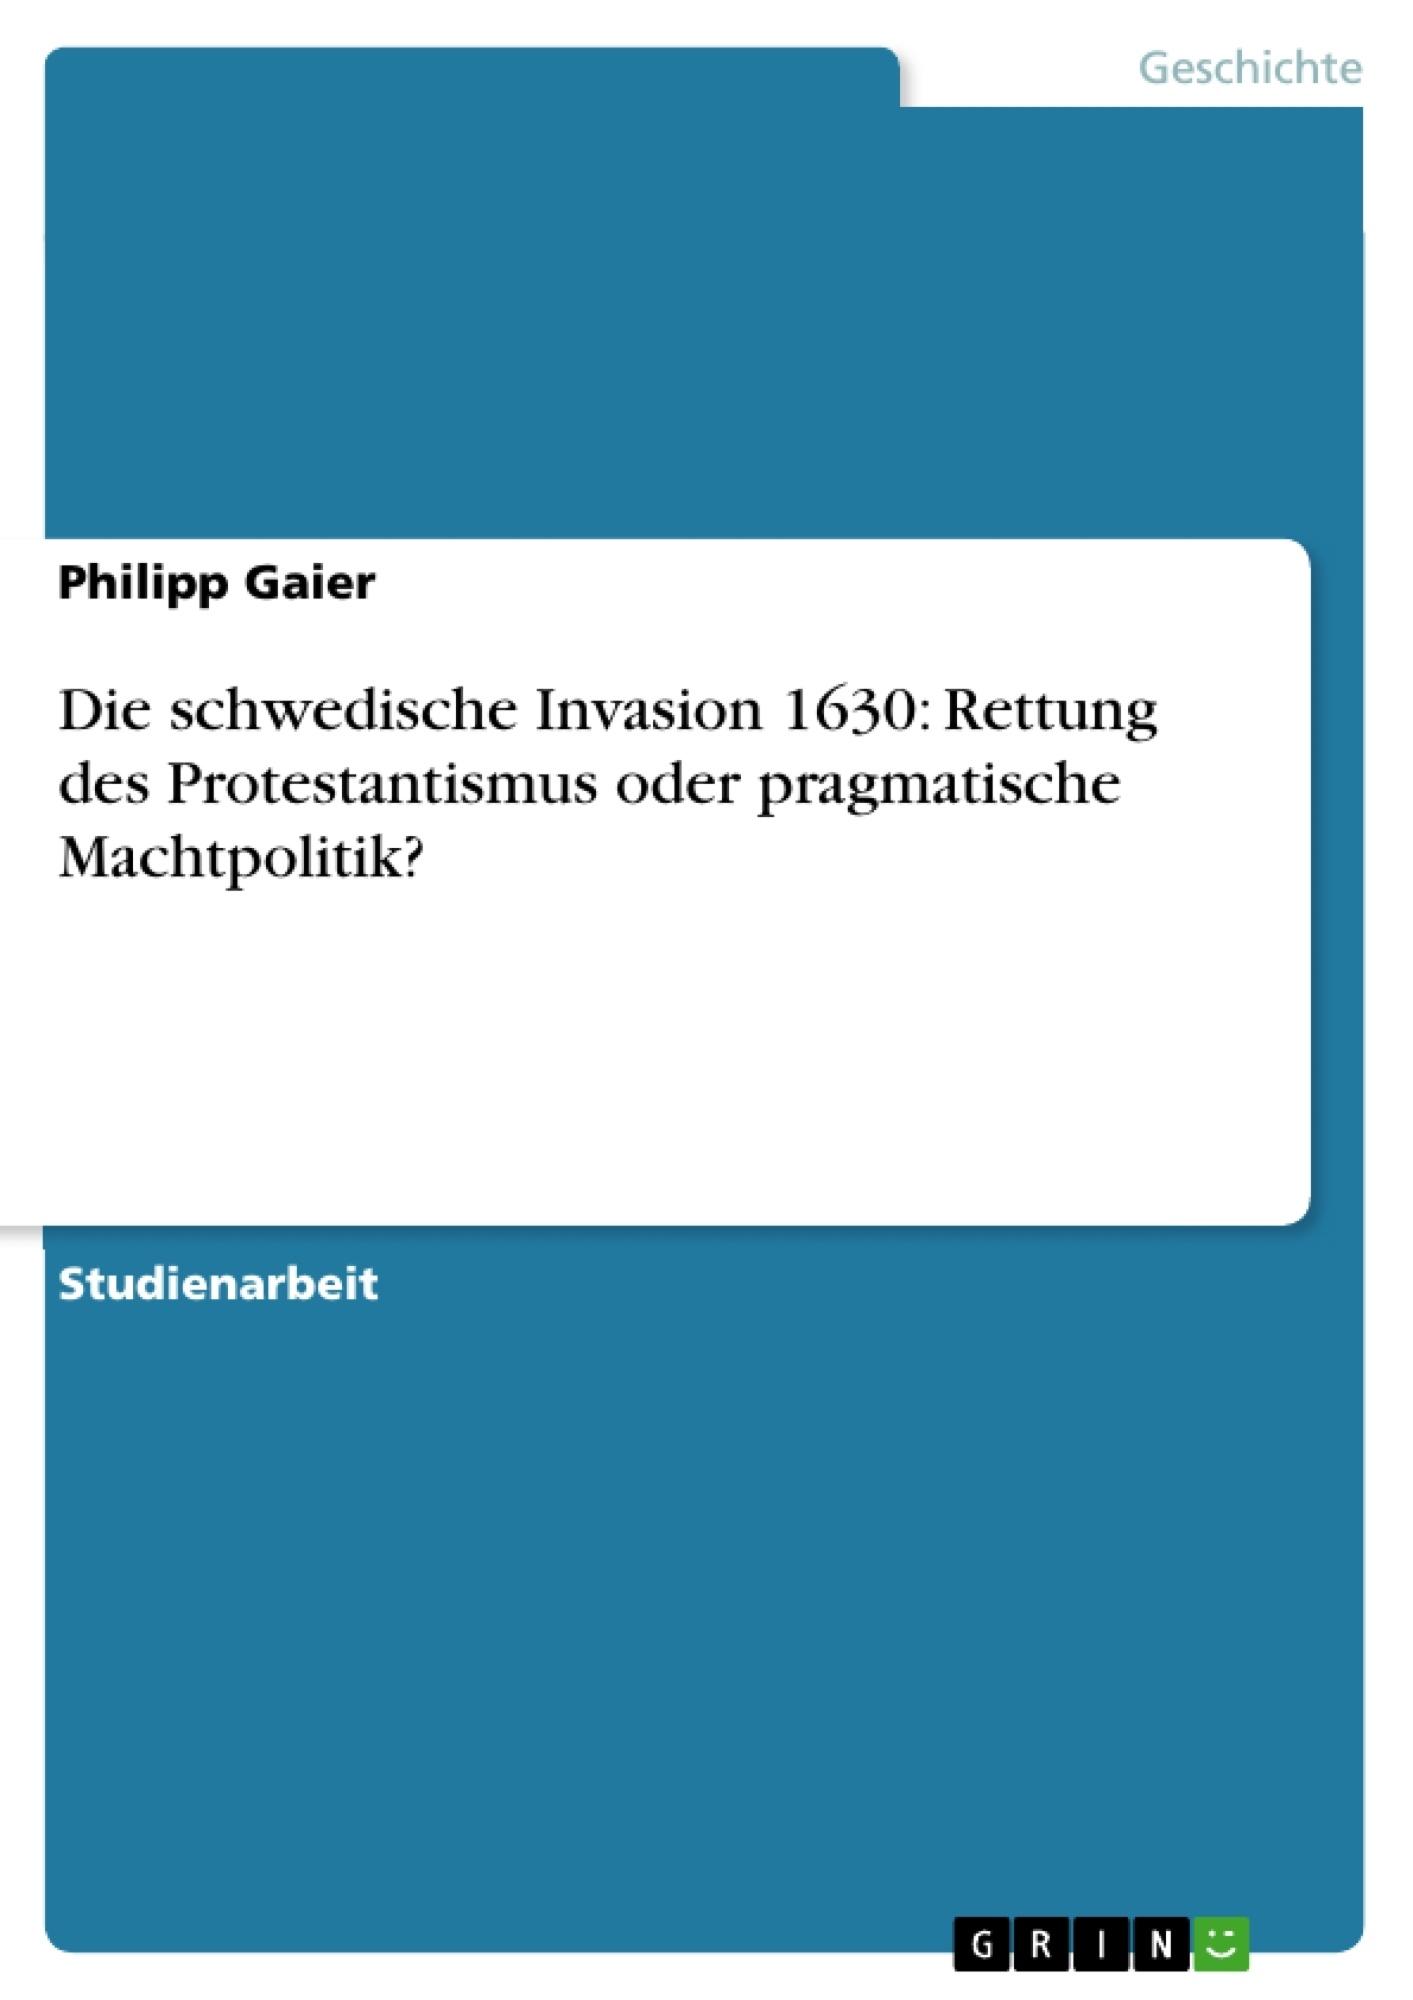 Titel: Die schwedische Invasion 1630: Rettung des Protestantismus oder pragmatische Machtpolitik?